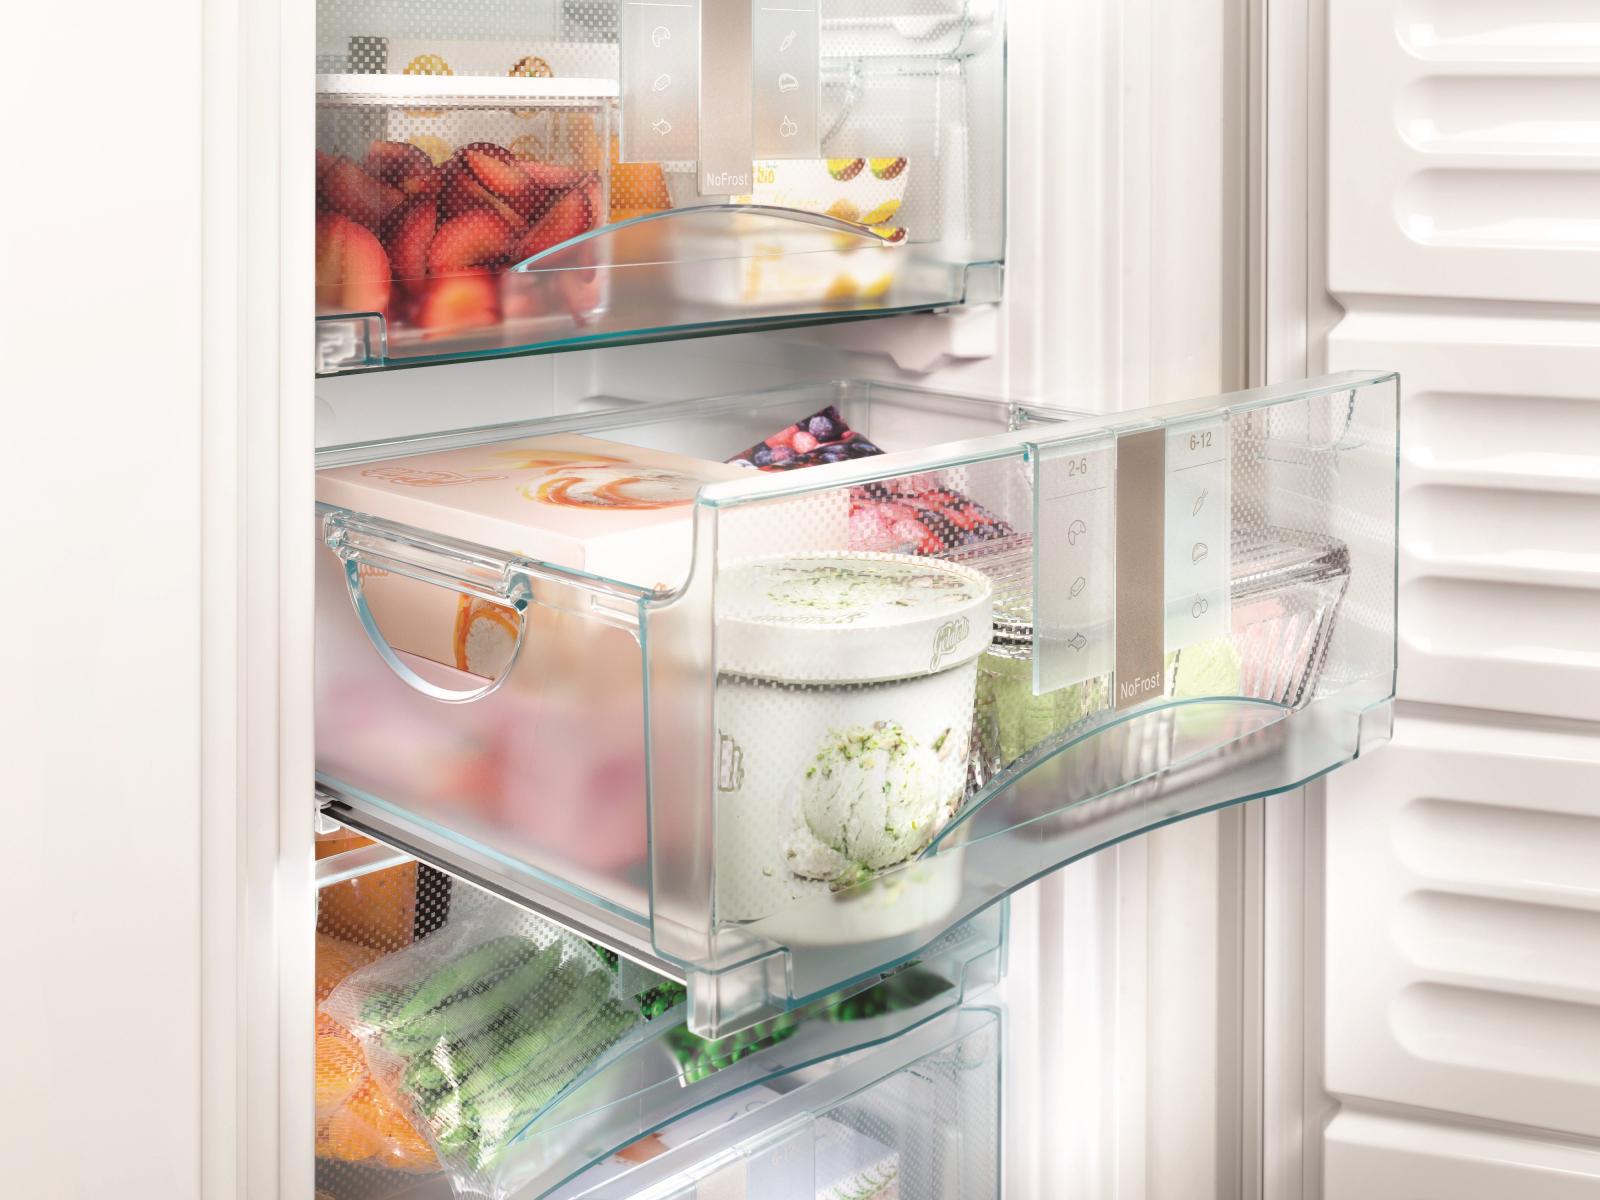 купить Встраиваемый холодильник Side by Side Liebherr SBS 70I4 21 Украина фото 11